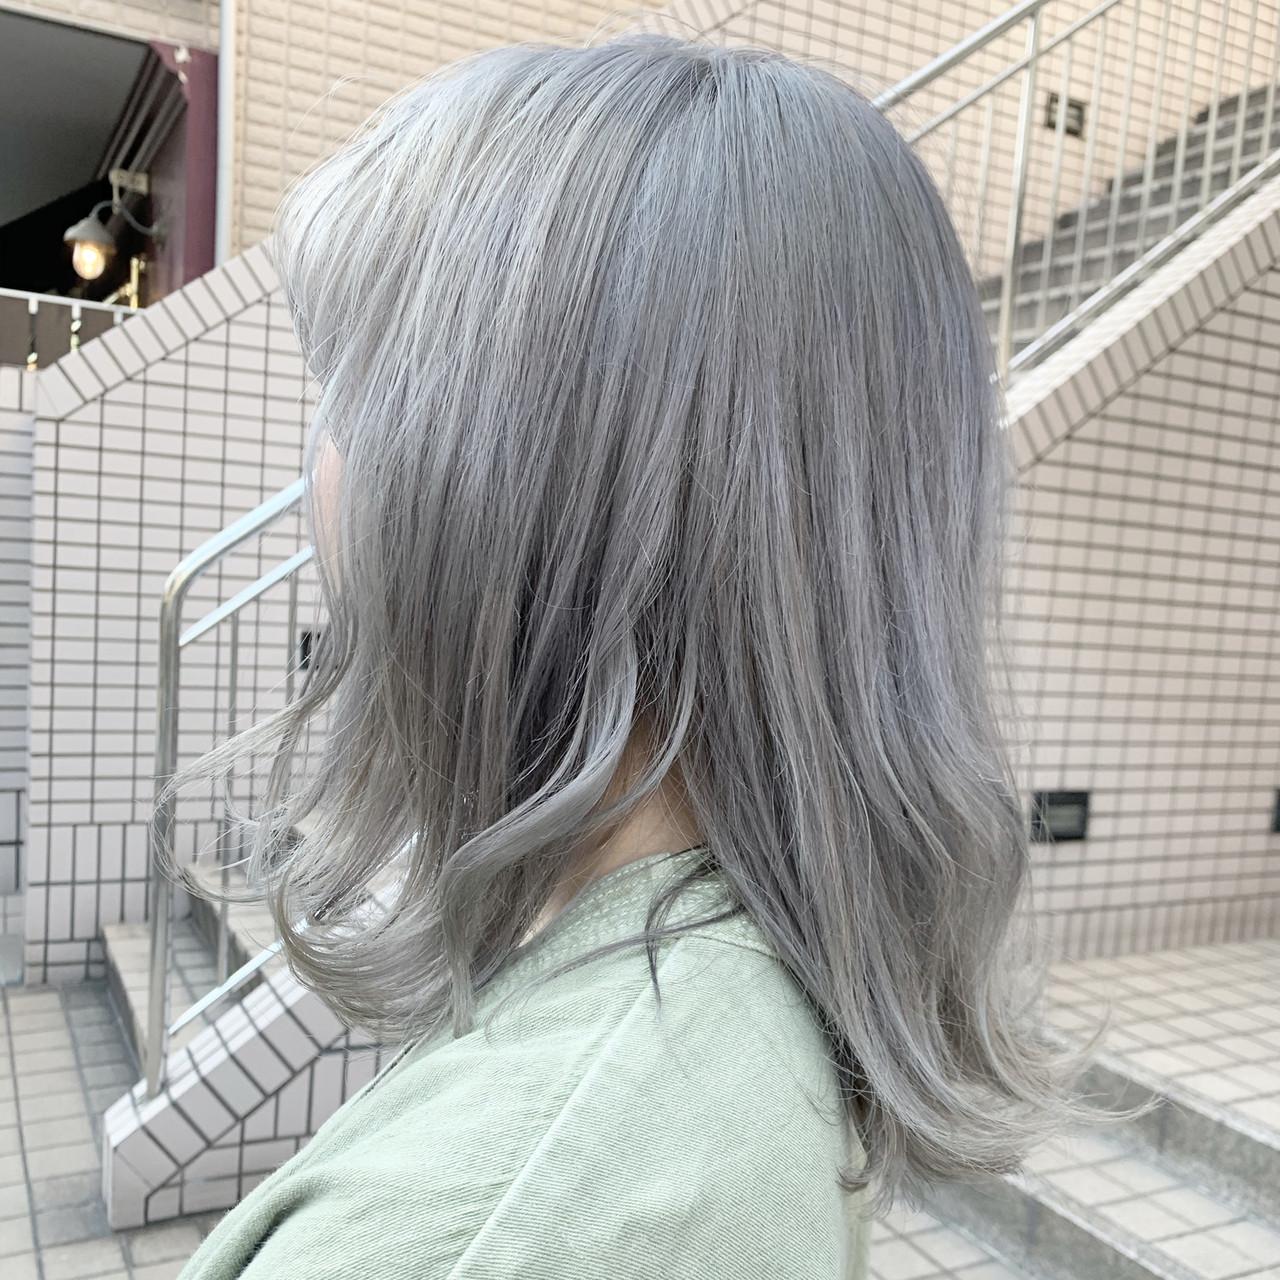 シルバーグレー シルバーアッシュ ミディアム ナチュラル ヘアスタイルや髪型の写真・画像